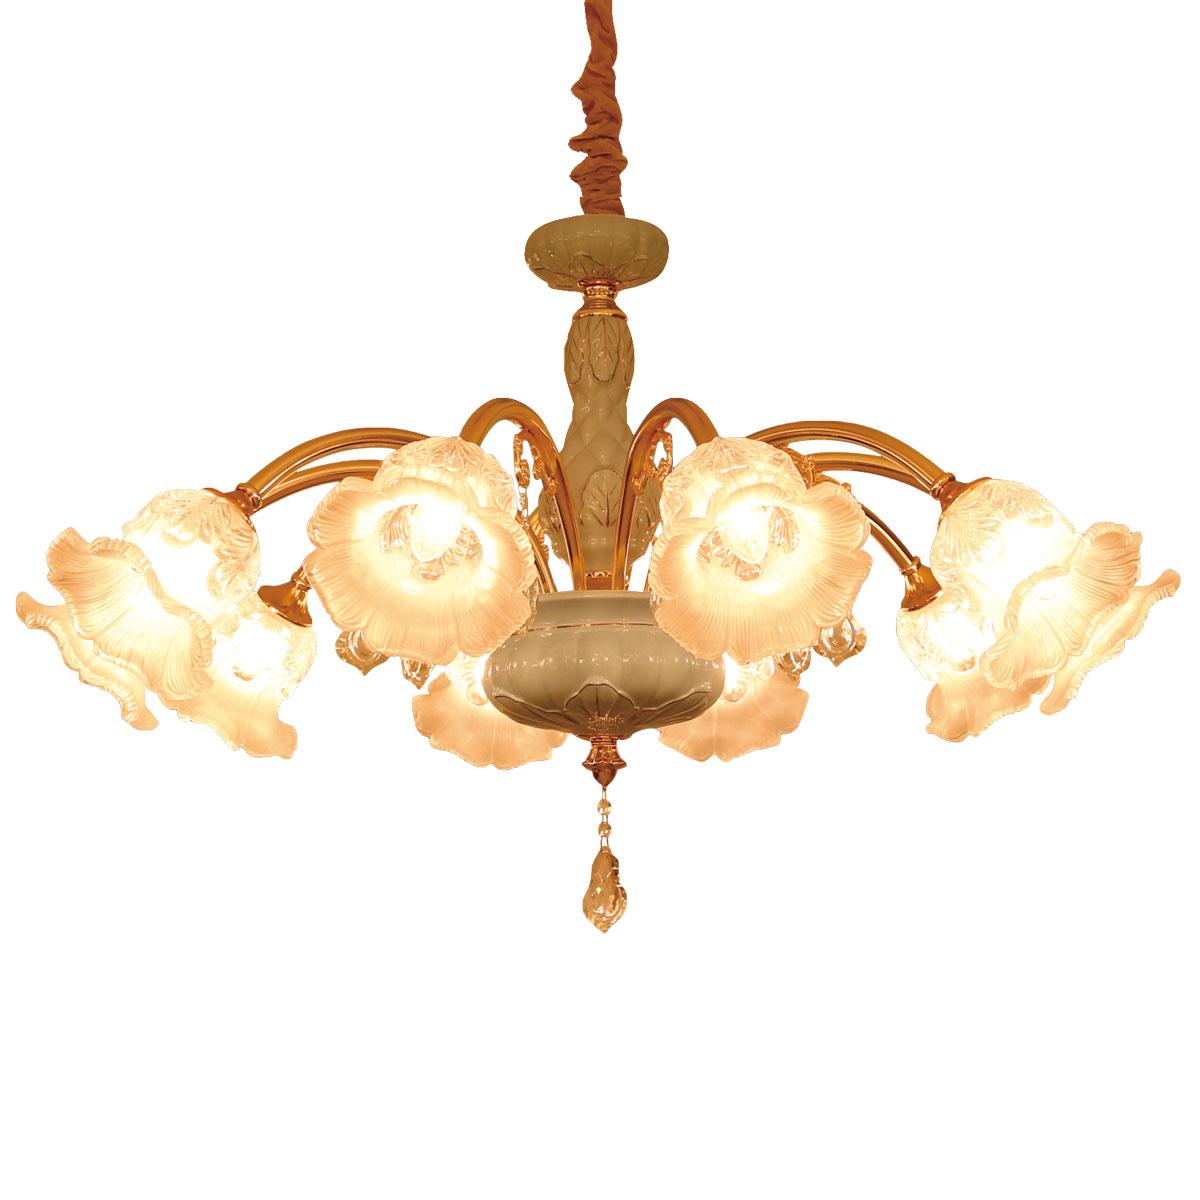 Đèn chùm thủy tinh được rất nhiều người sử dụng và lựa chọn